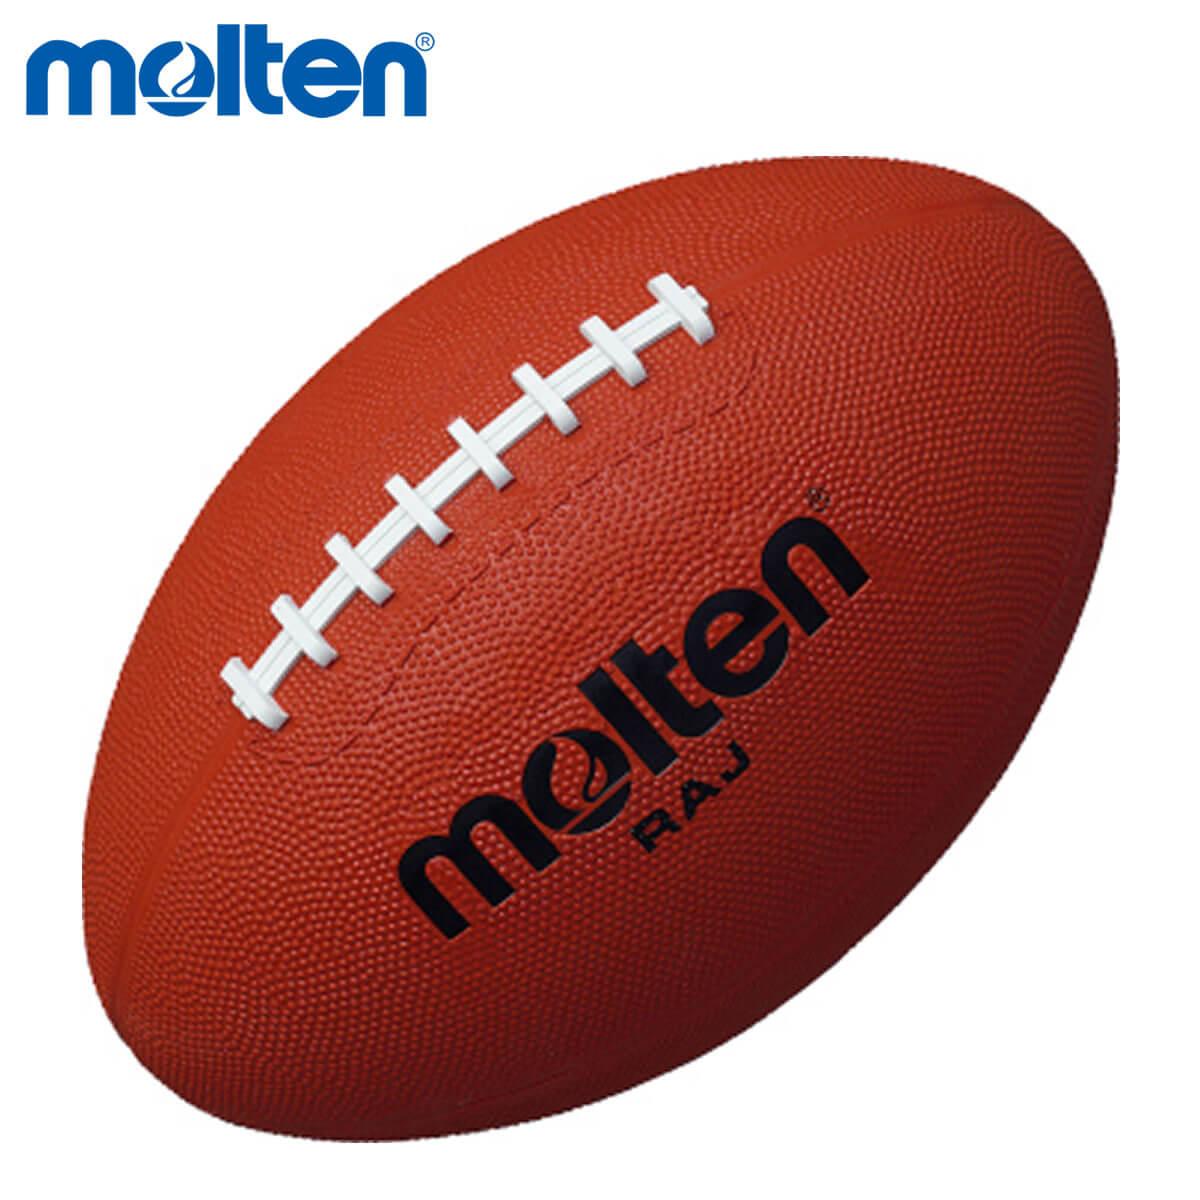 molten RAJ ラグビー ボール ※ラッピング 日本メーカー新品 ※ ラグビーボール モルテン 取り寄せ 2021